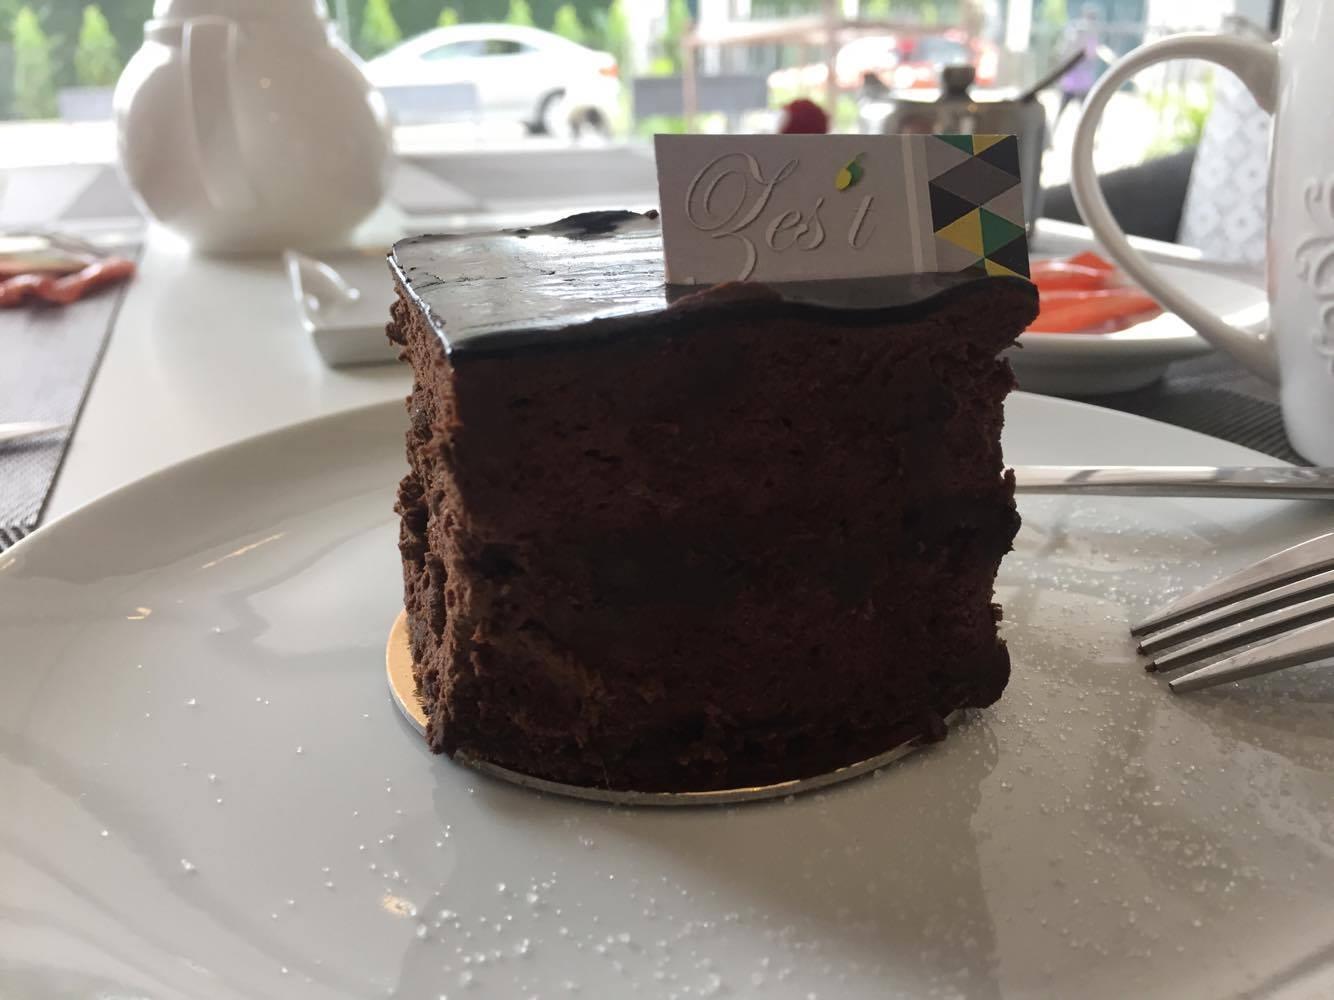 Du bonheur à Zes't, food, foodie, blog, blogger, serialfoodie, critique de restaurants, abidjan, côte d'ivoire, carré chocolat